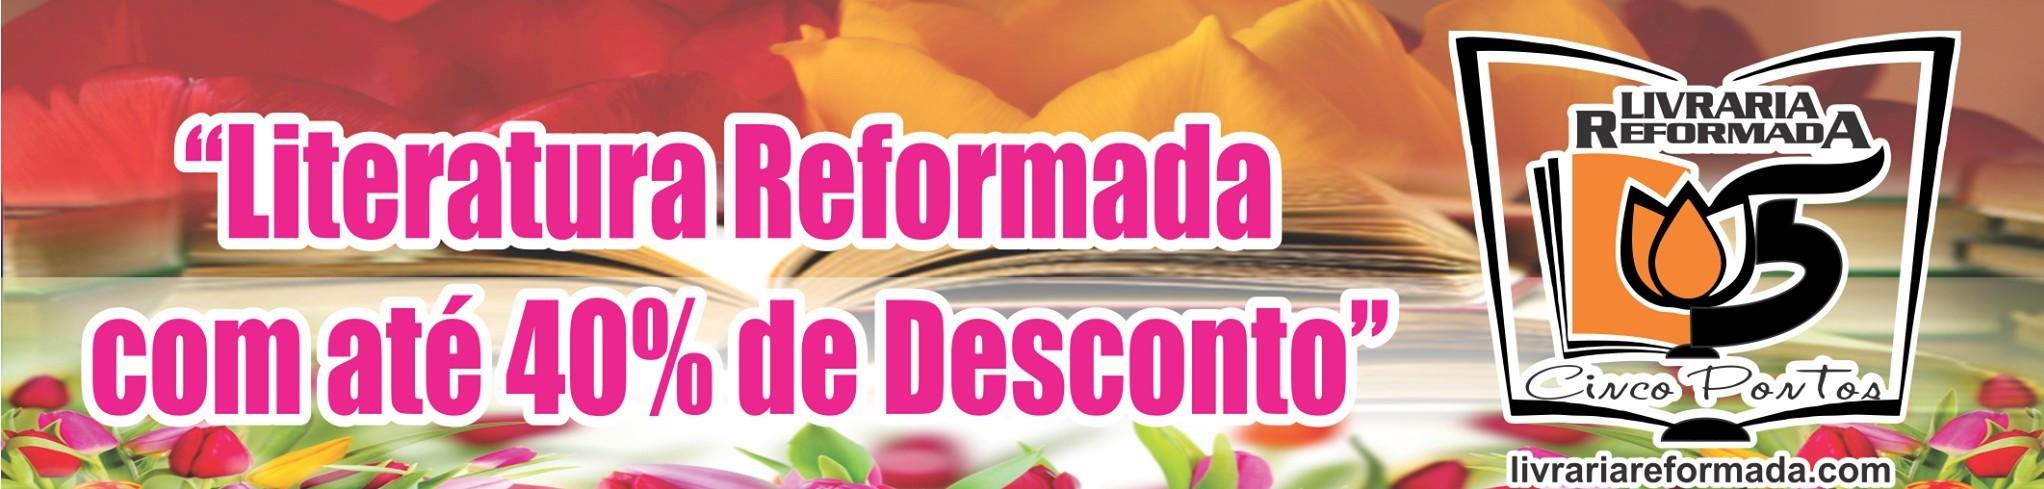 Livraria Reformada 5 Pontos (Razão Social: Isac da Silva Baldi)